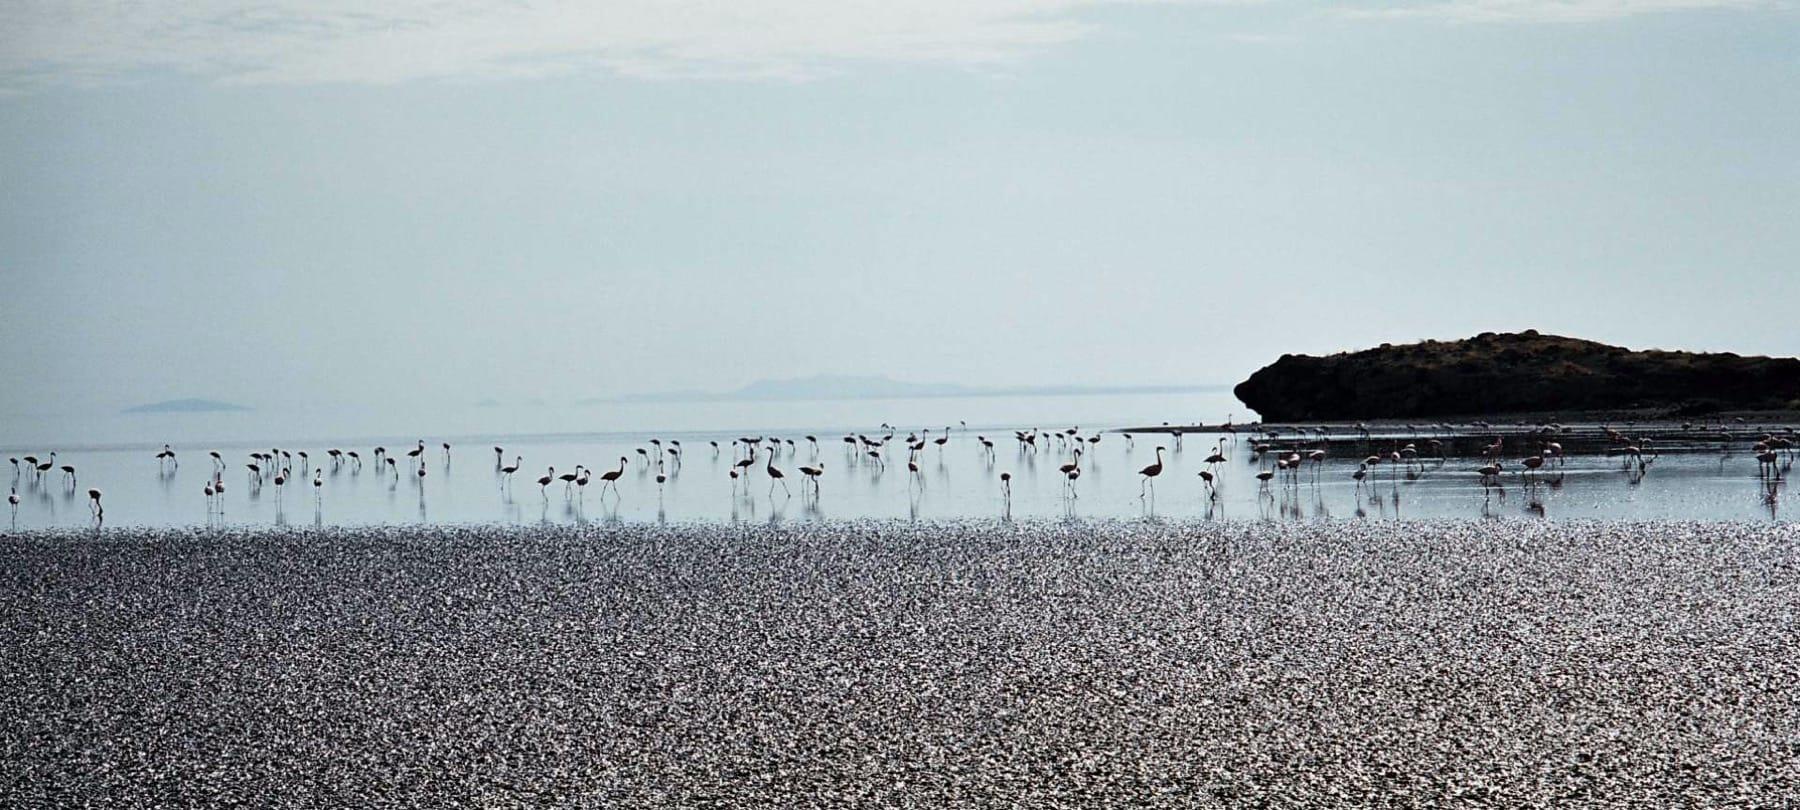 lake natron flamingos ngorongoro tanzania safari